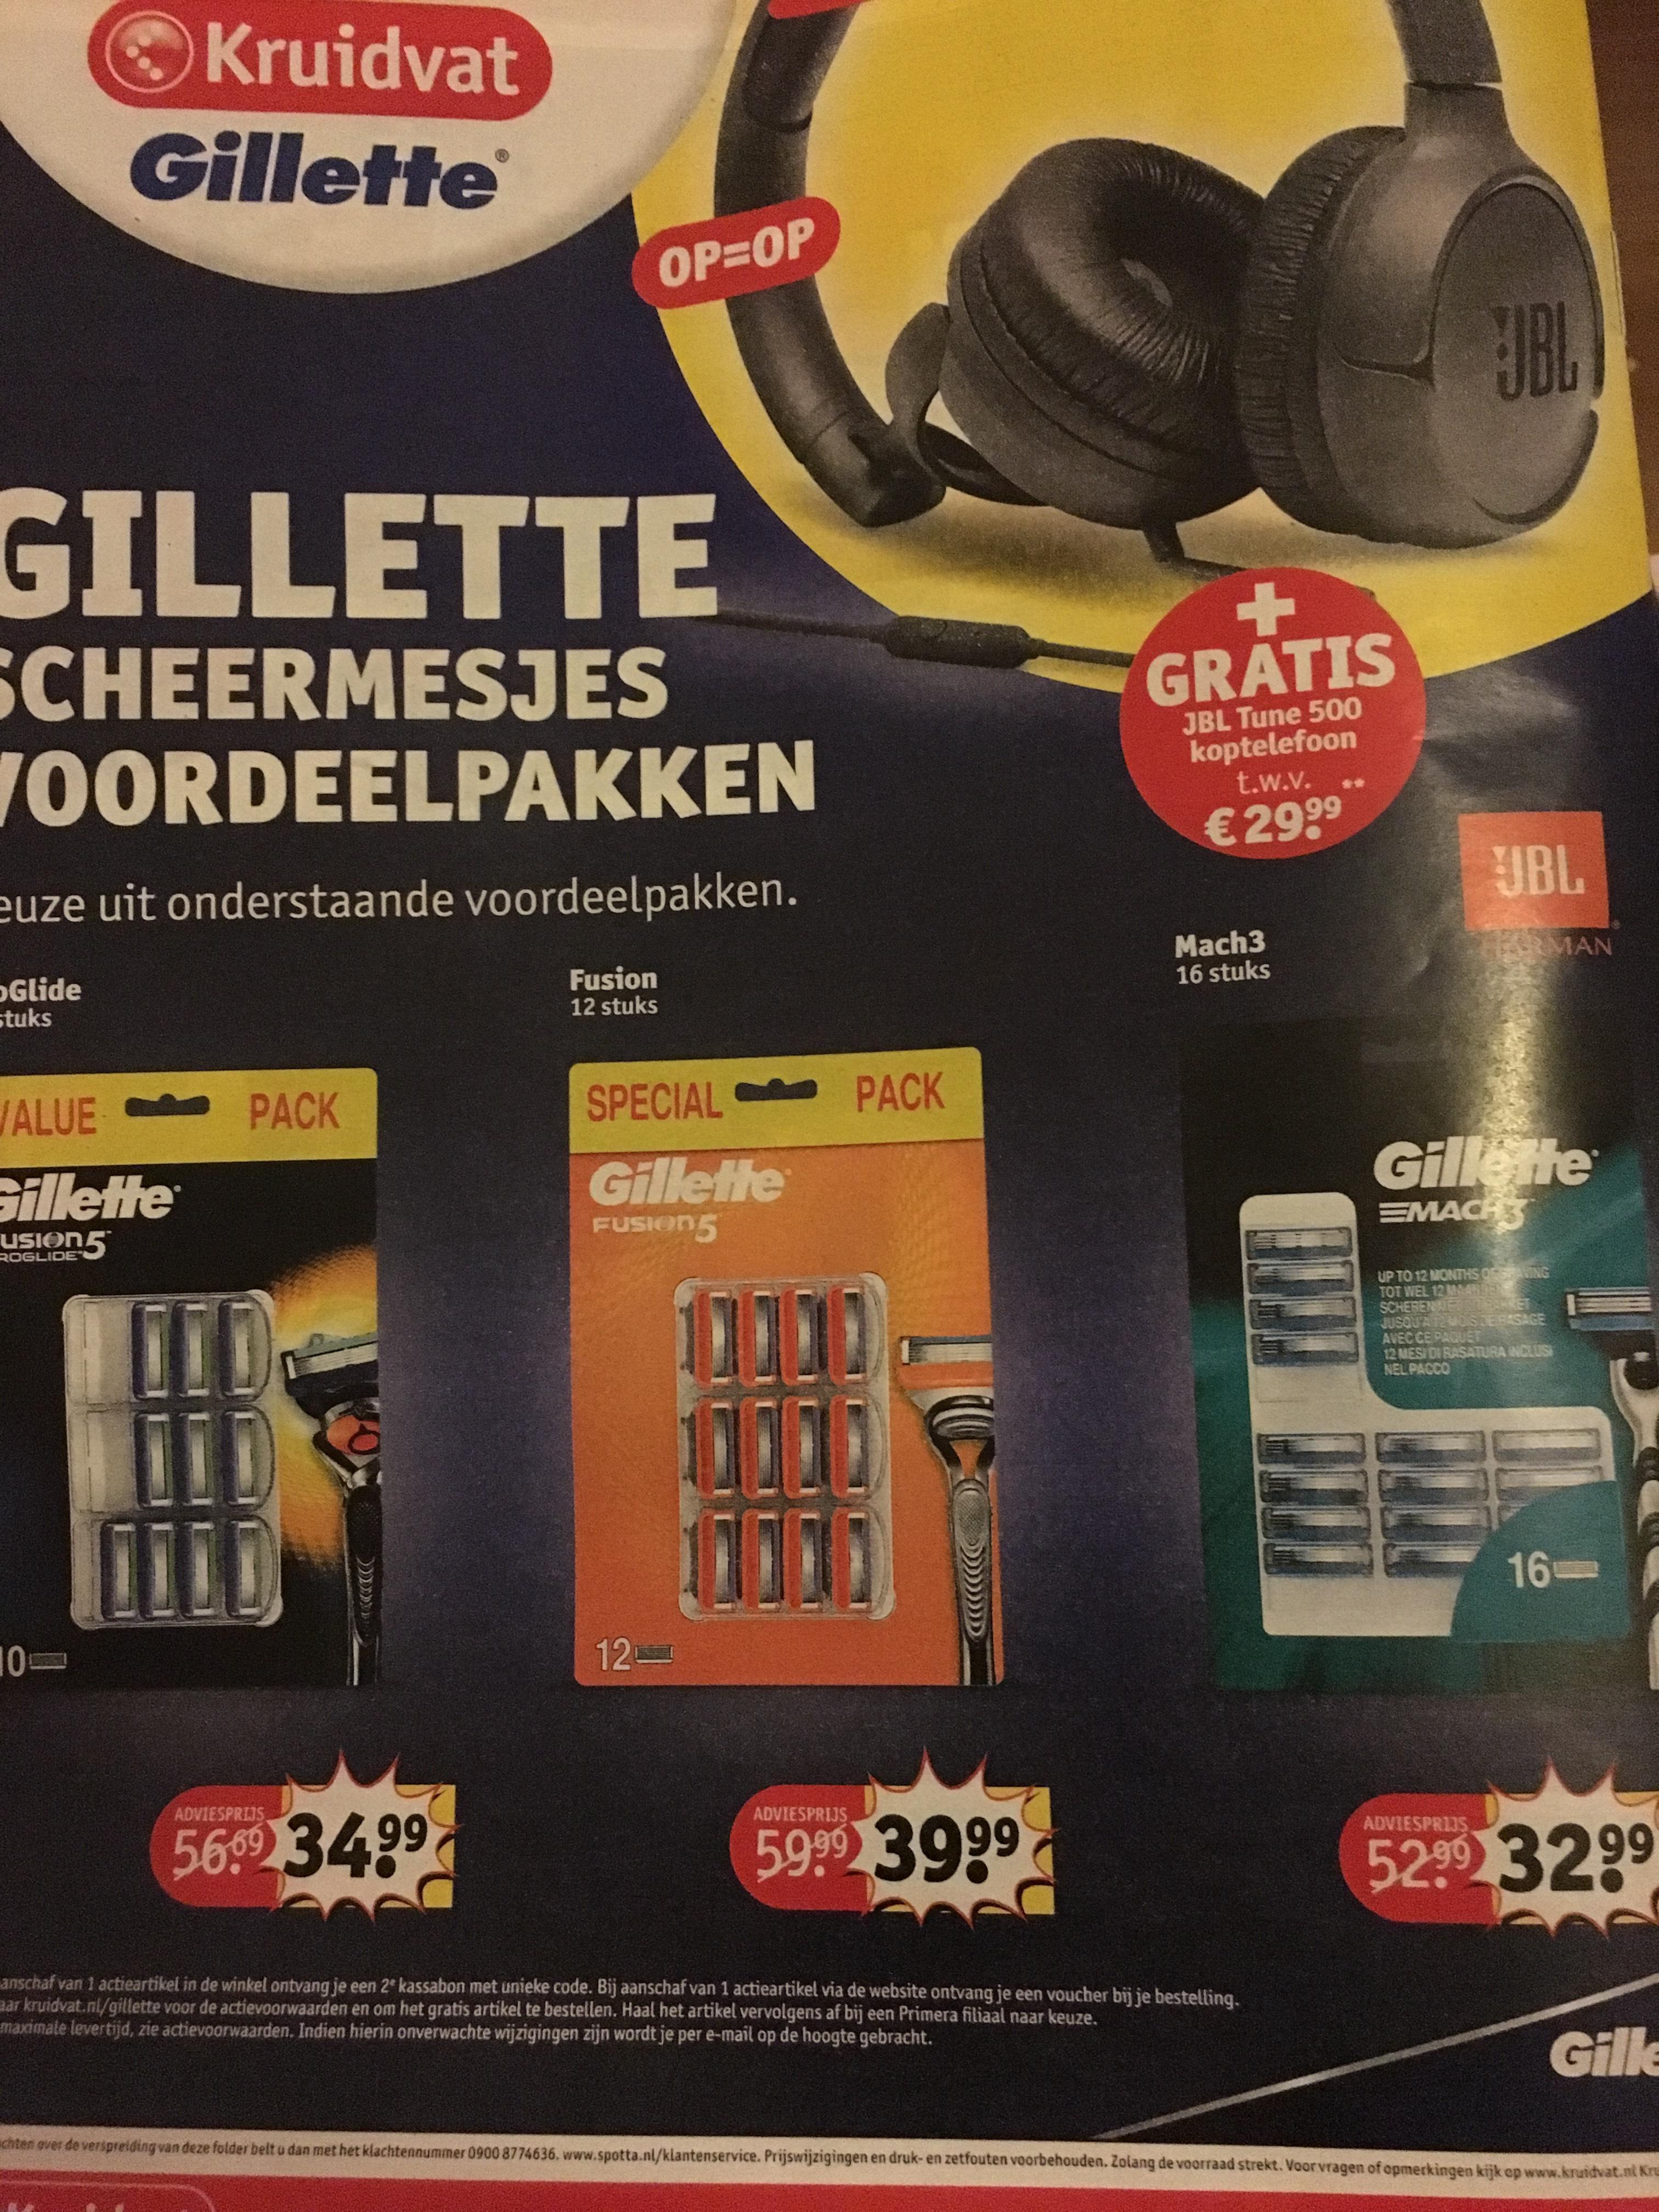 Gratis JBL Tune 500 koptelefoon t.w.v €29,99 bij aankoop van Gillette scheermesjes voordeelpakken